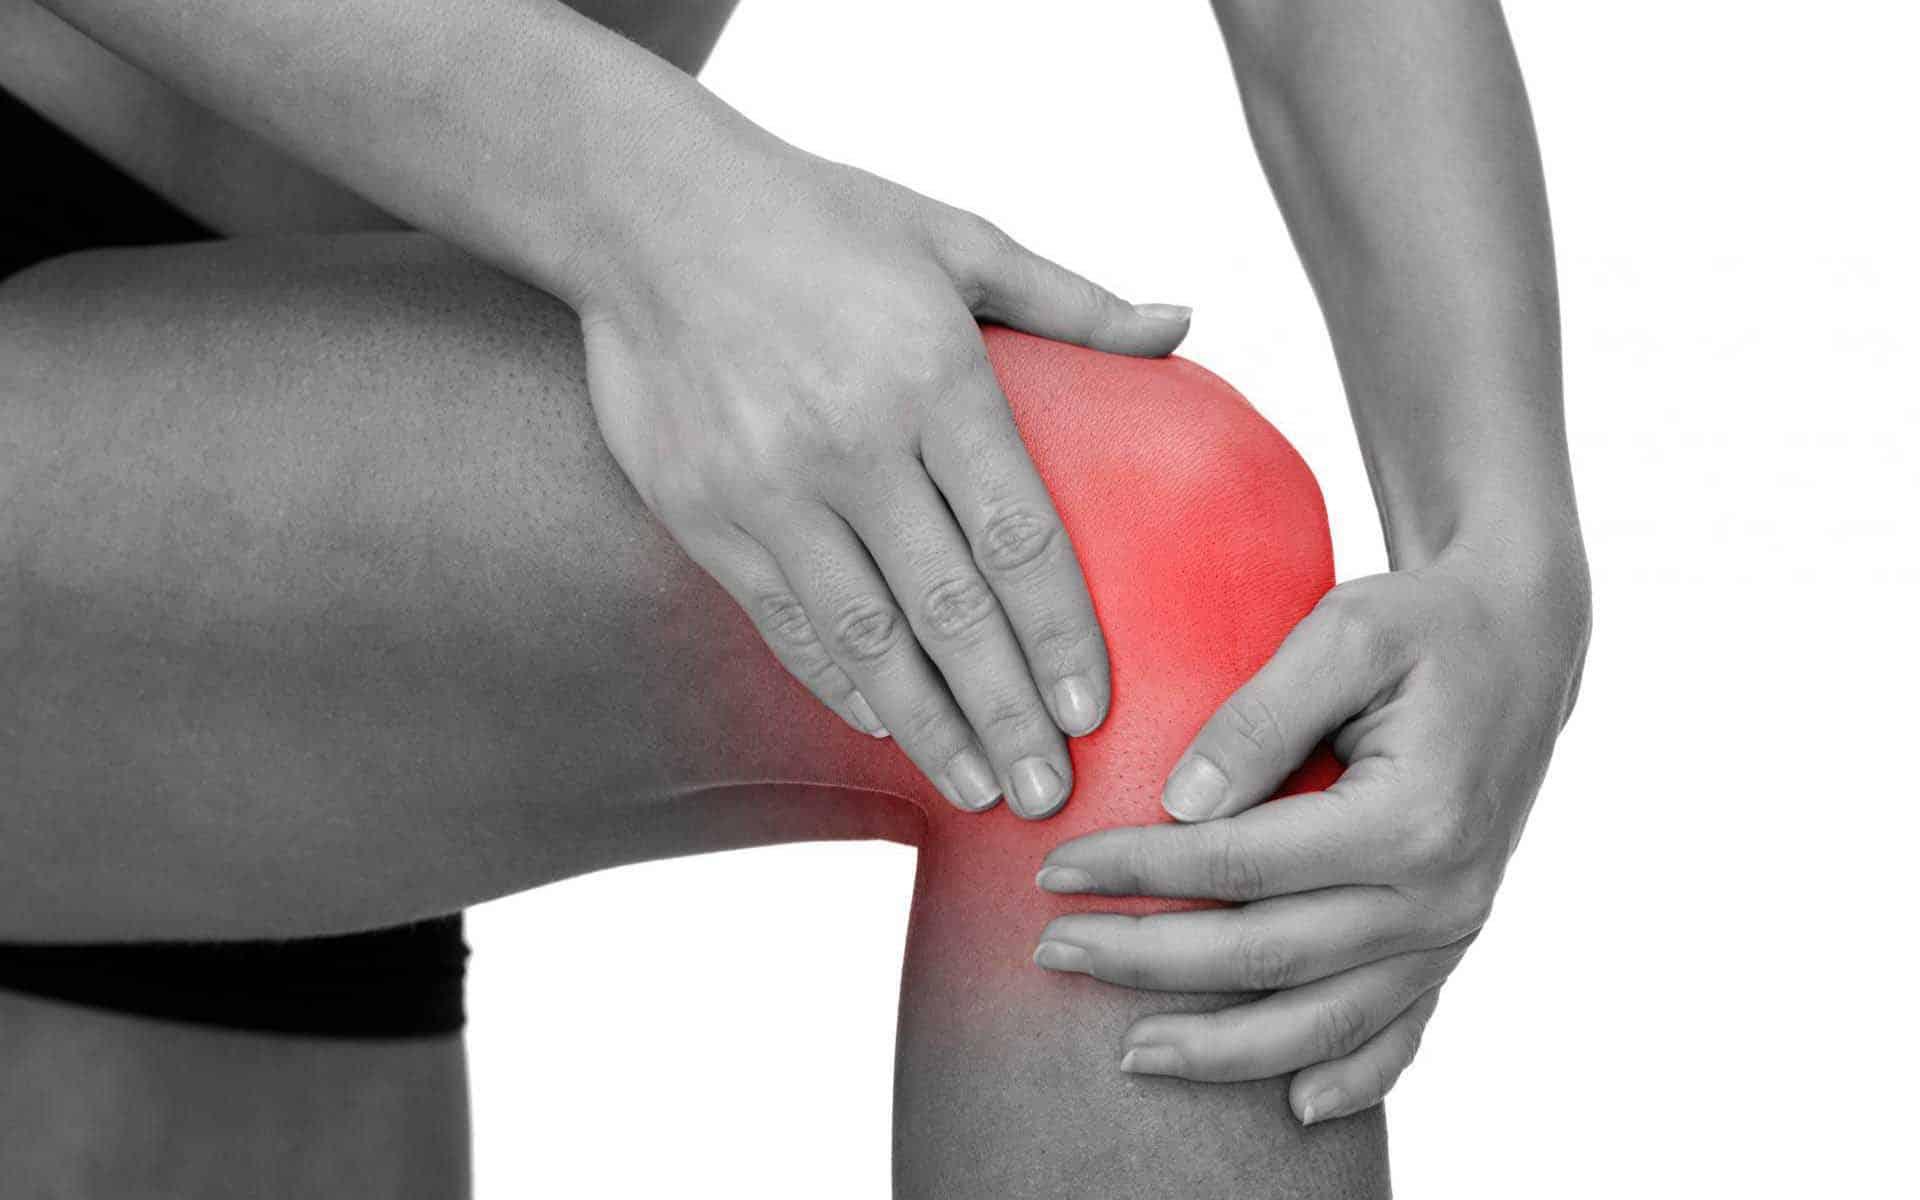 Болит колено магниты вывих плечевого сустава первая помощь